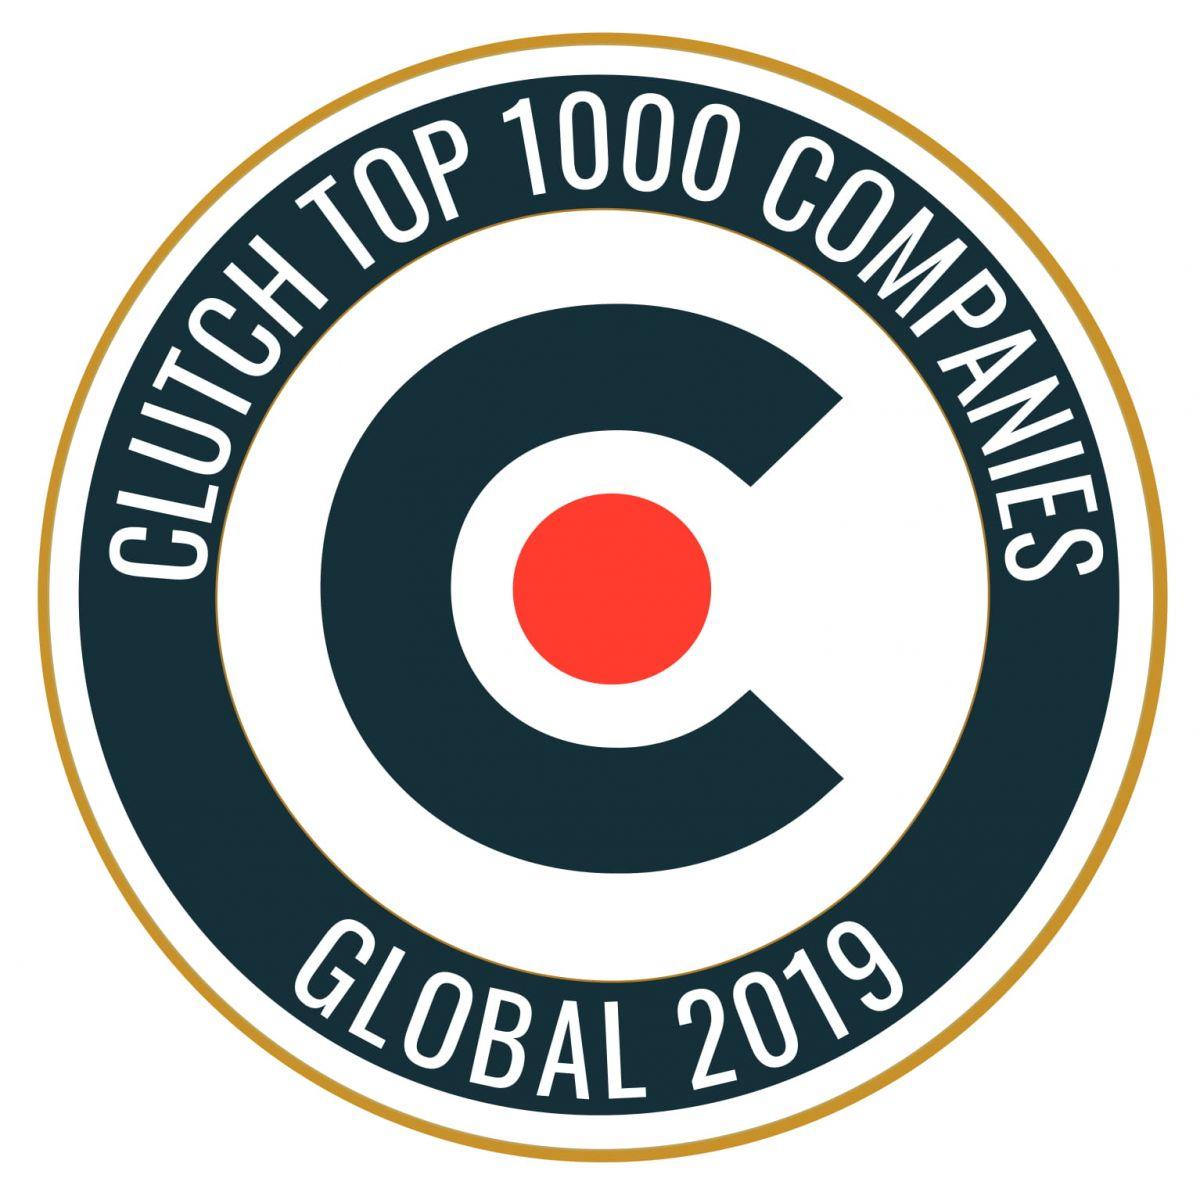 Clutch 1000 Agency 2019